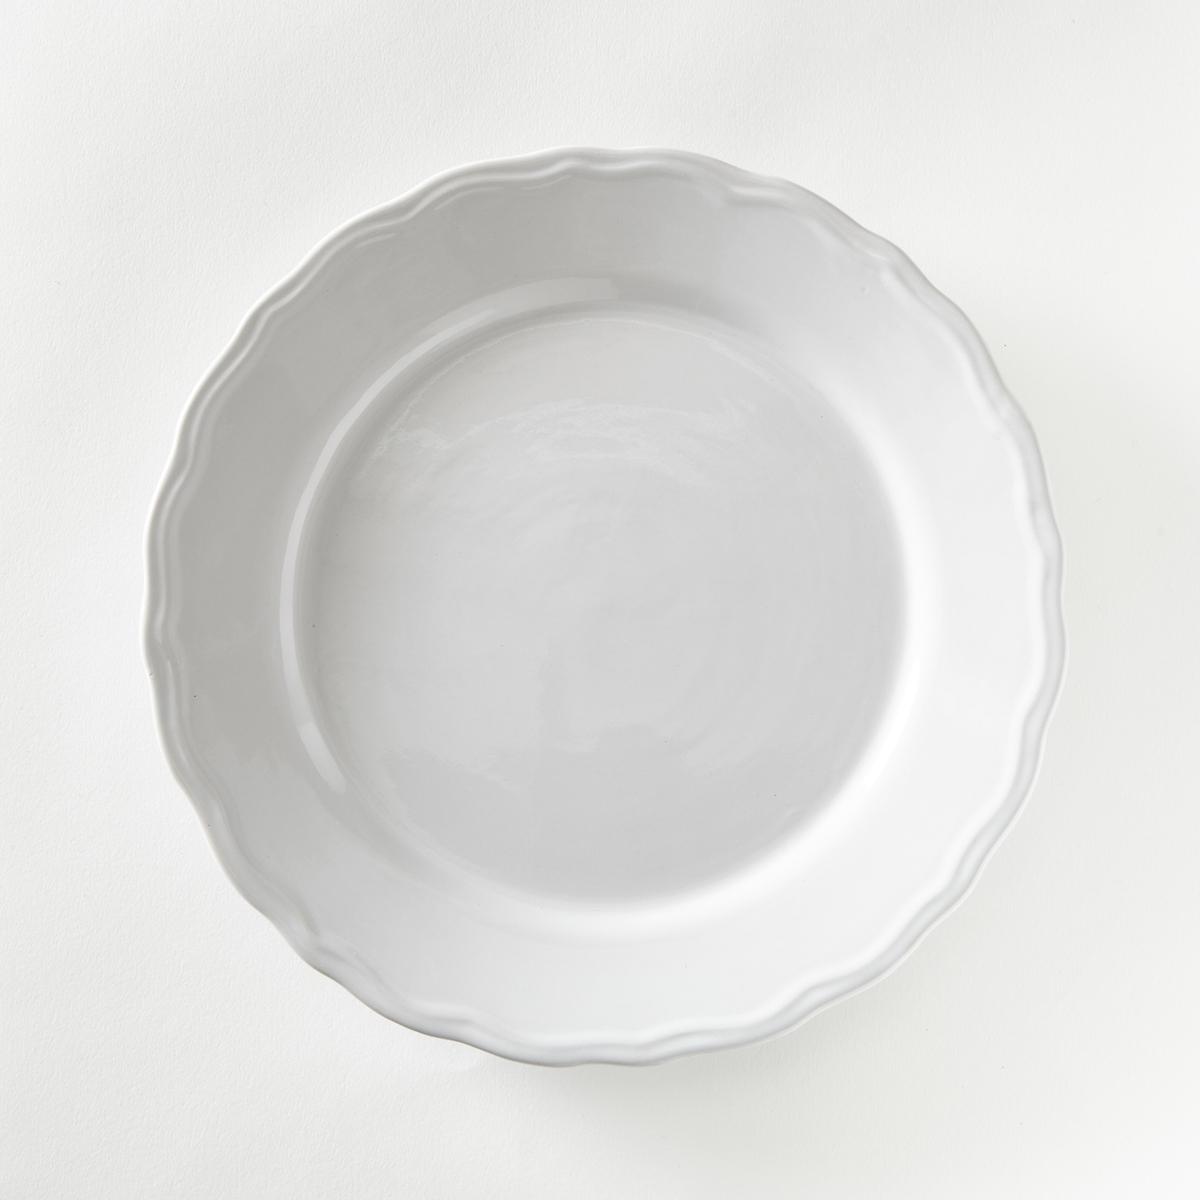 4 тарелки плоские с отделкой фестоном, Ajila